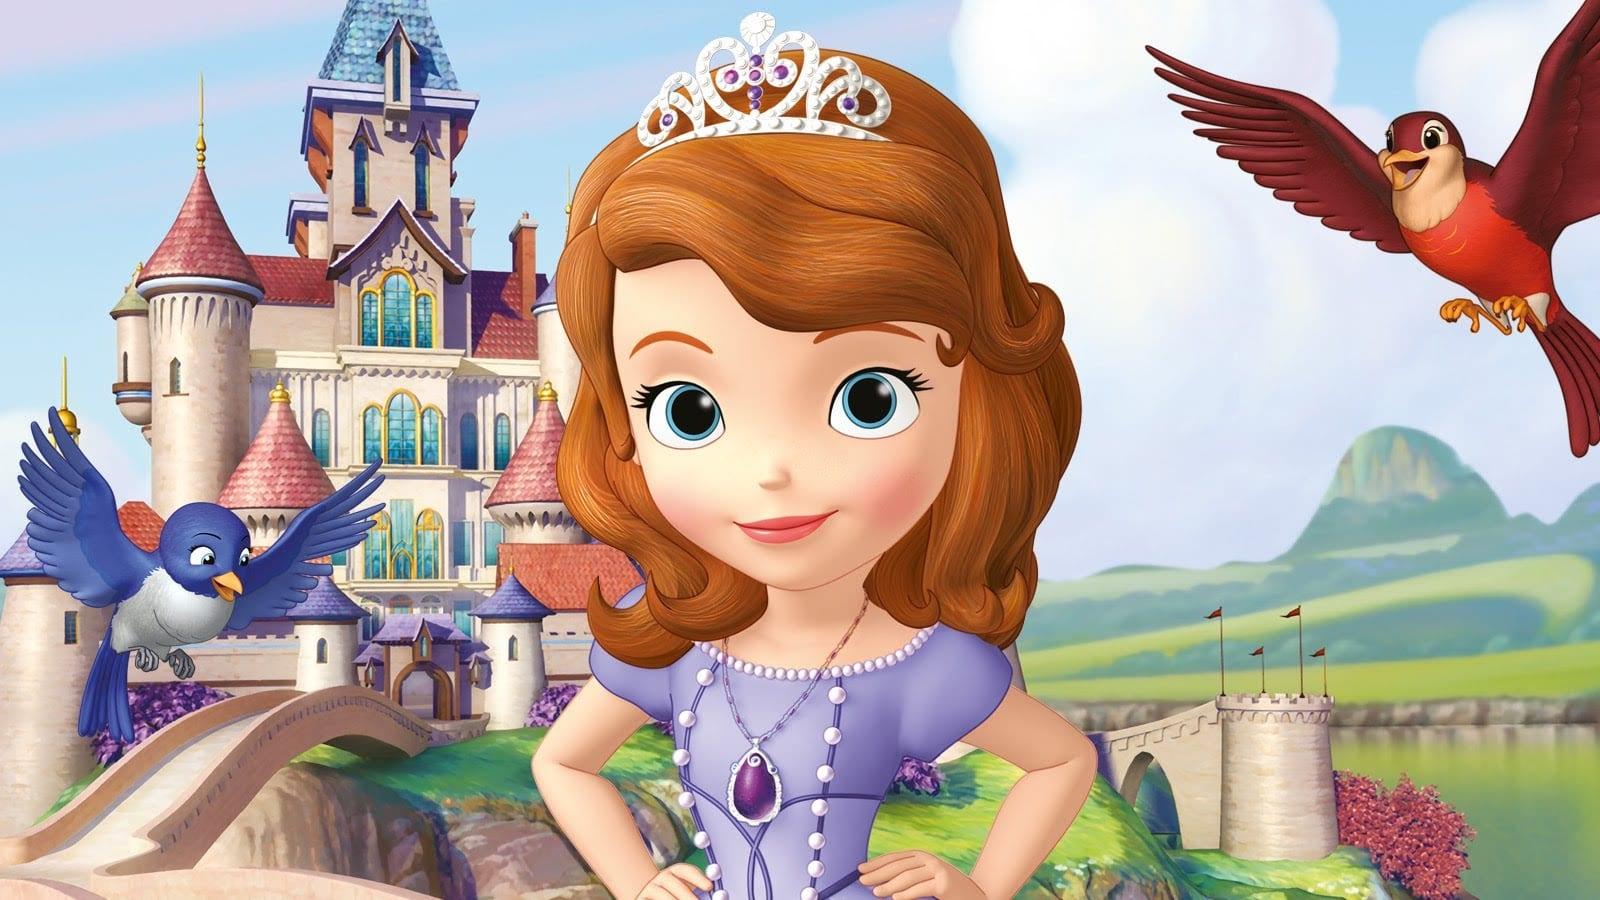 serie A Princesa Sofia